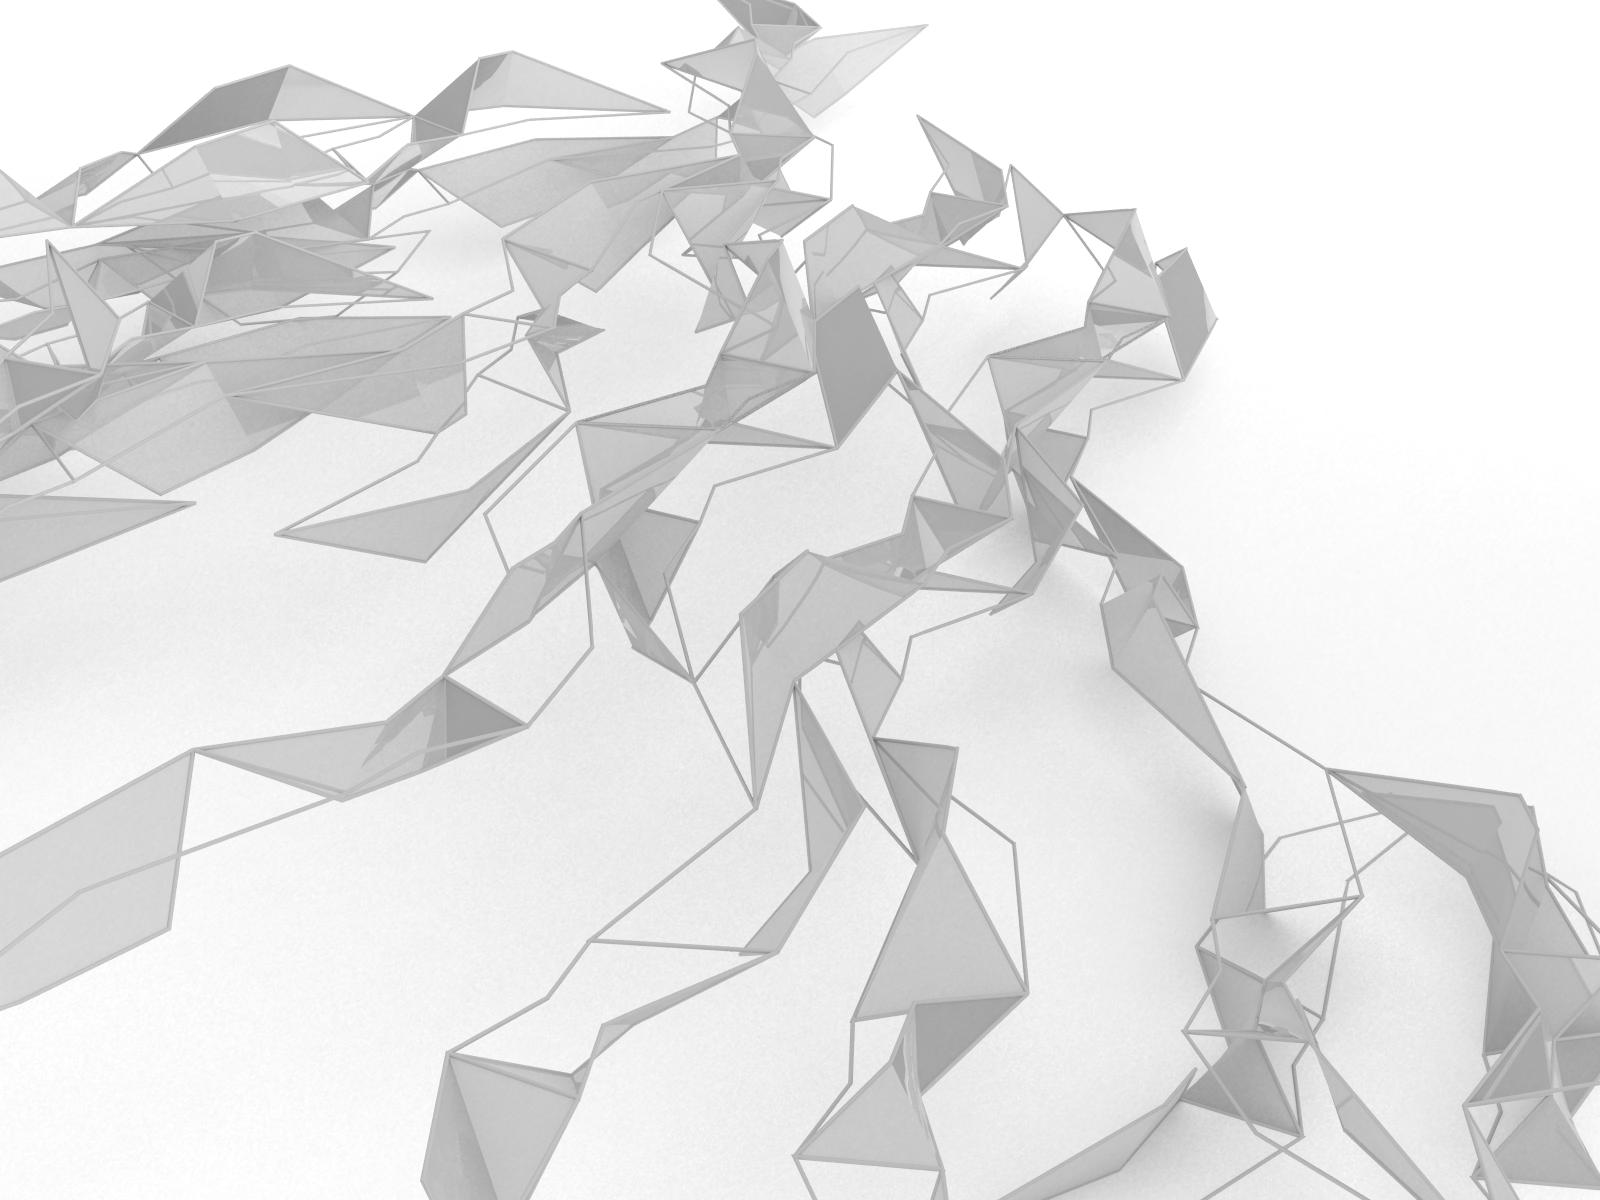 Digital Conceptual Model